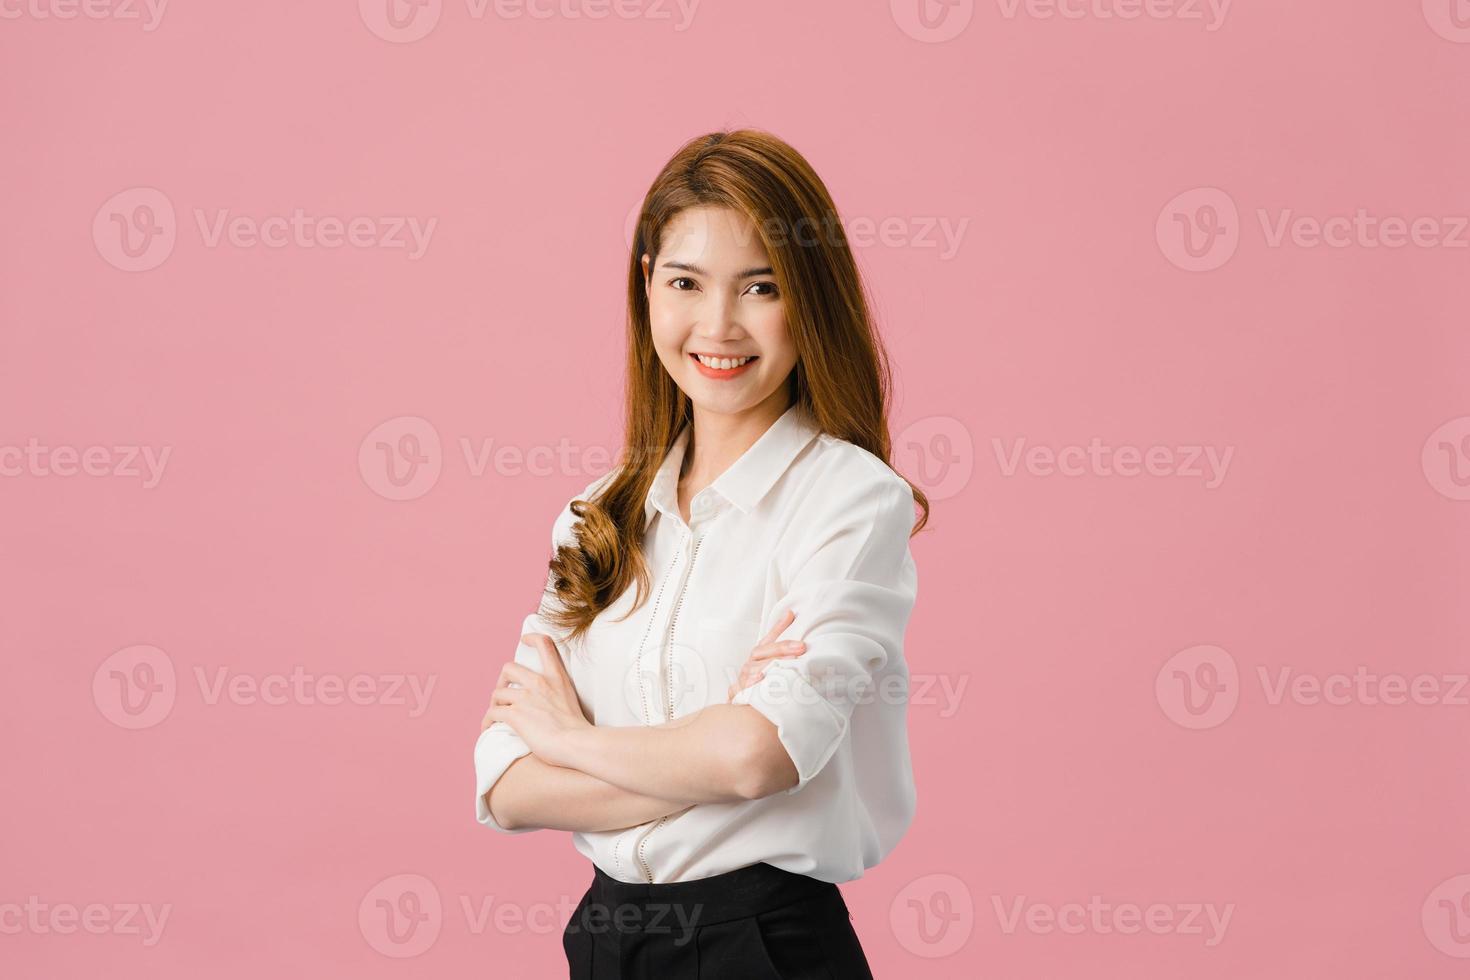 retrato de jovem asiática com expressão positiva, braços cruzados, sorriso largo, vestido com roupas casuais e olhando para a câmera sobre fundo rosa. feliz adorável feliz mulher alegra sucesso. foto